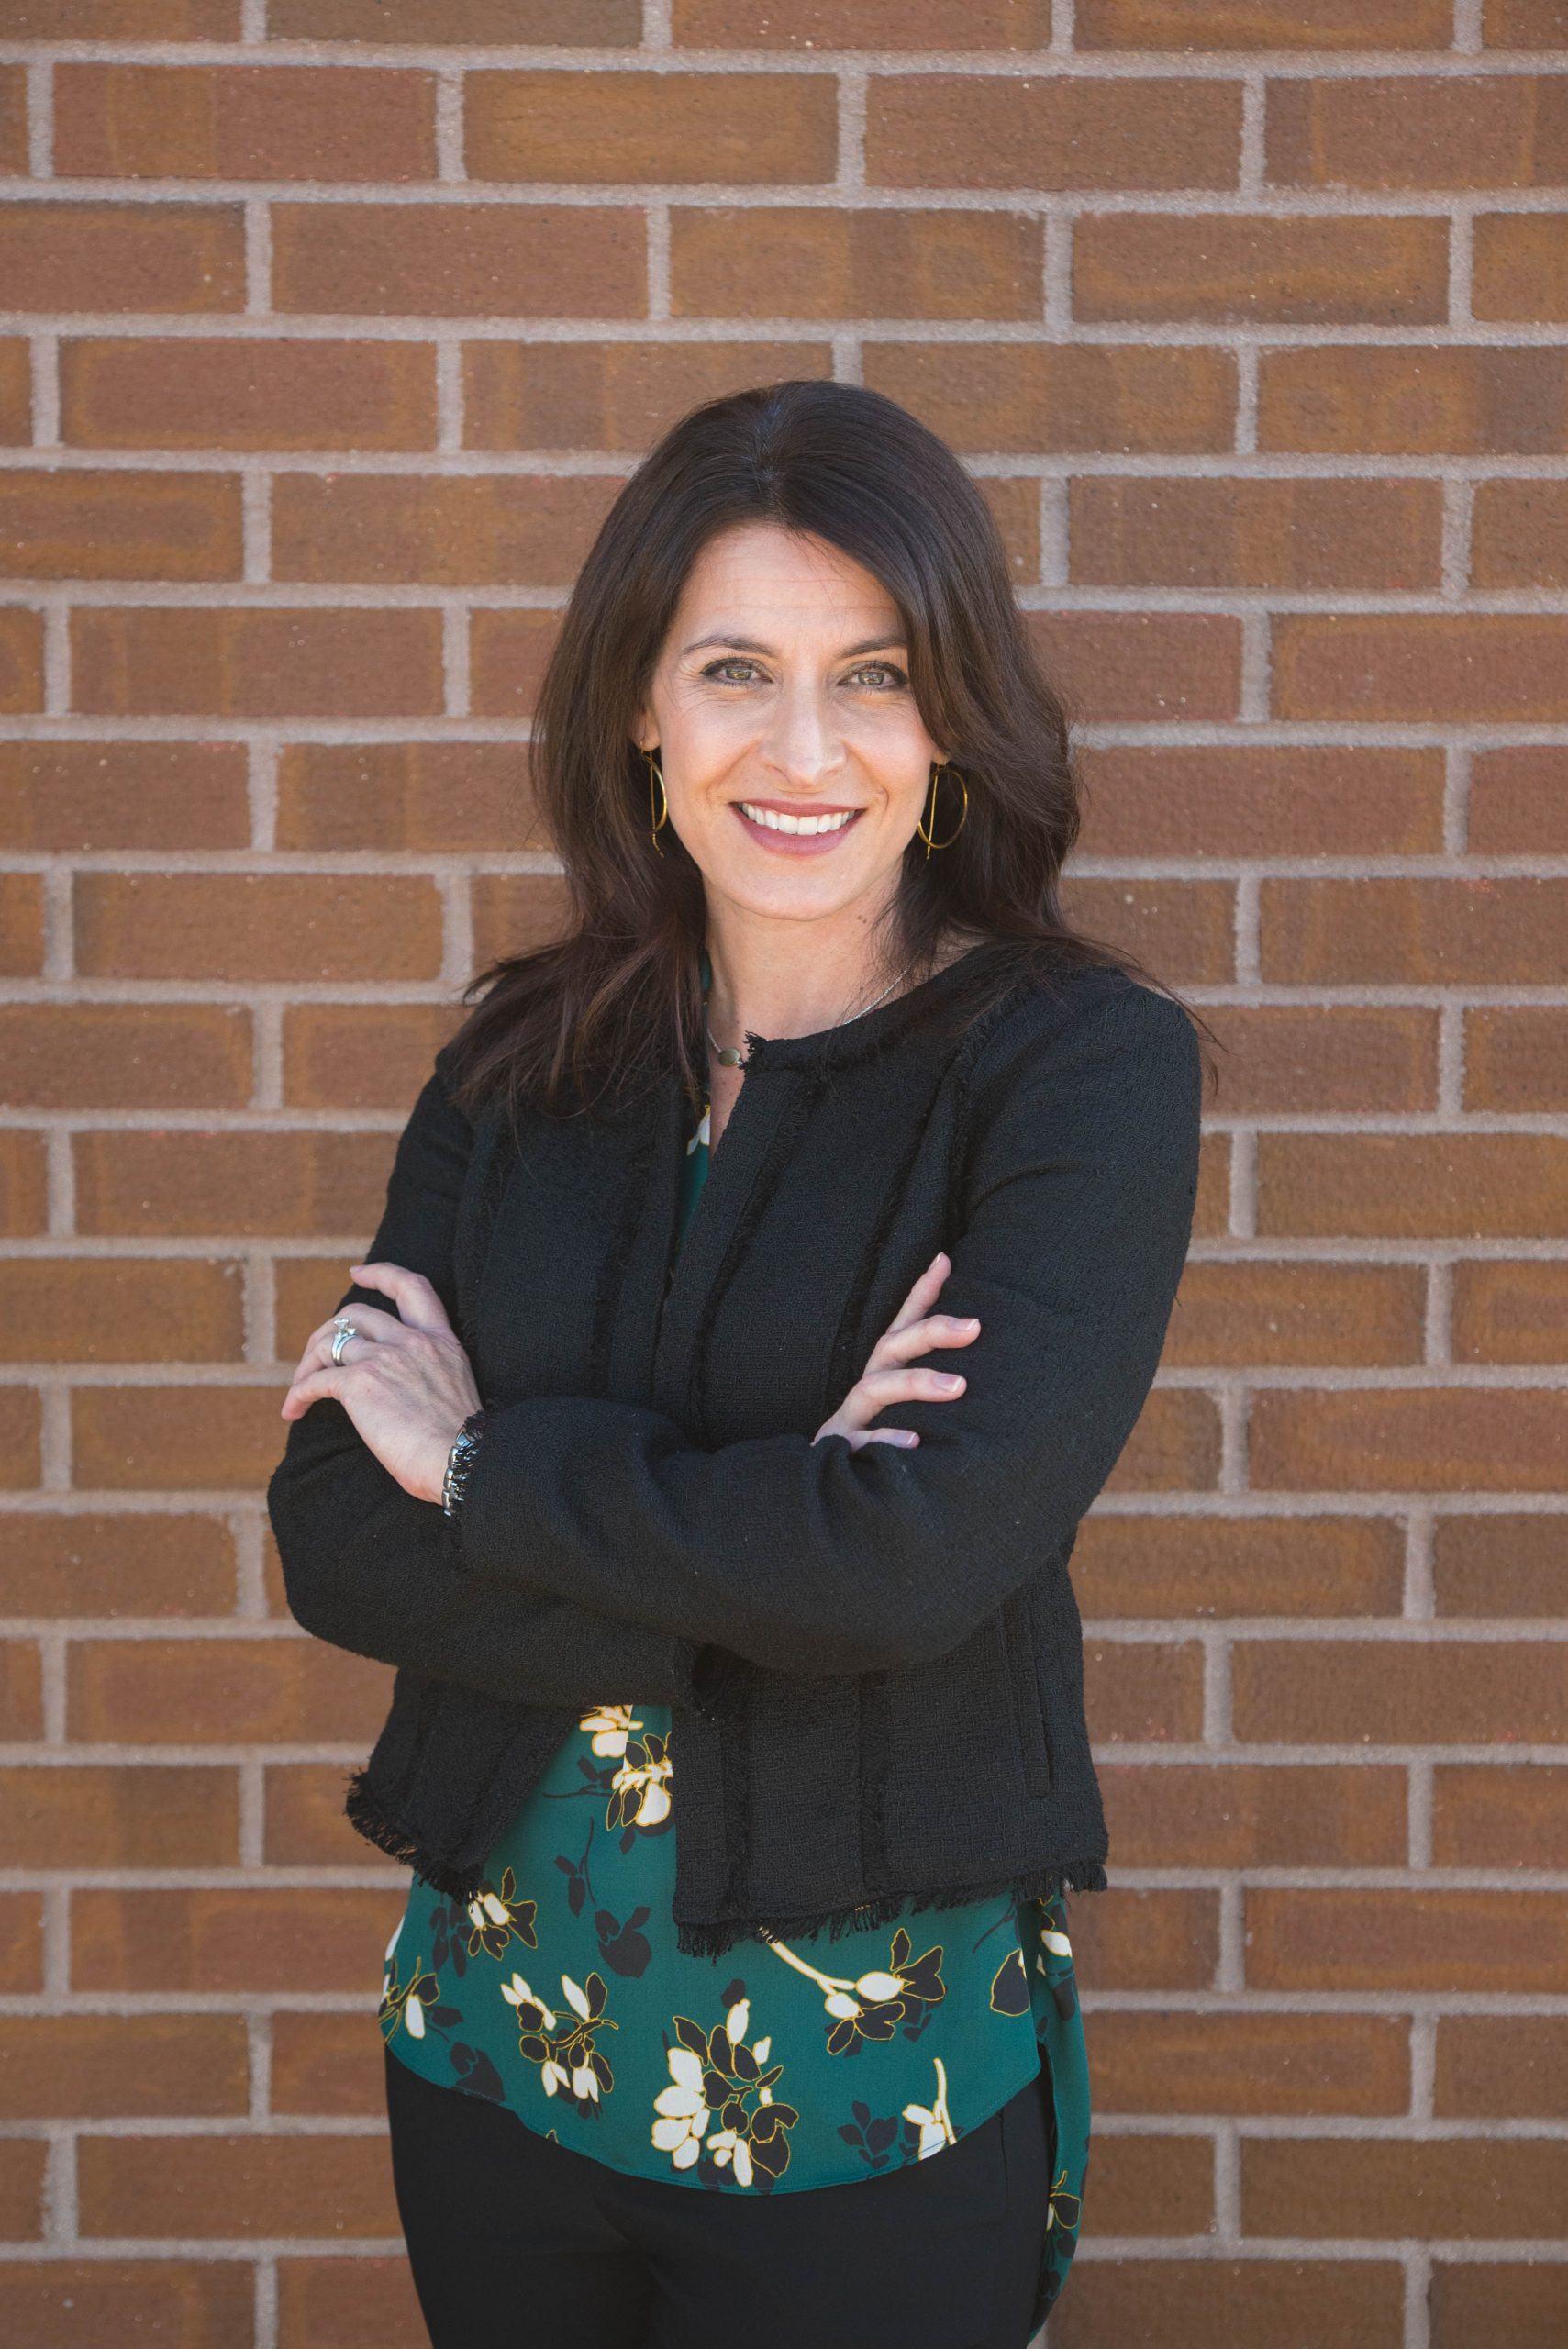 Stephanie Kunstle